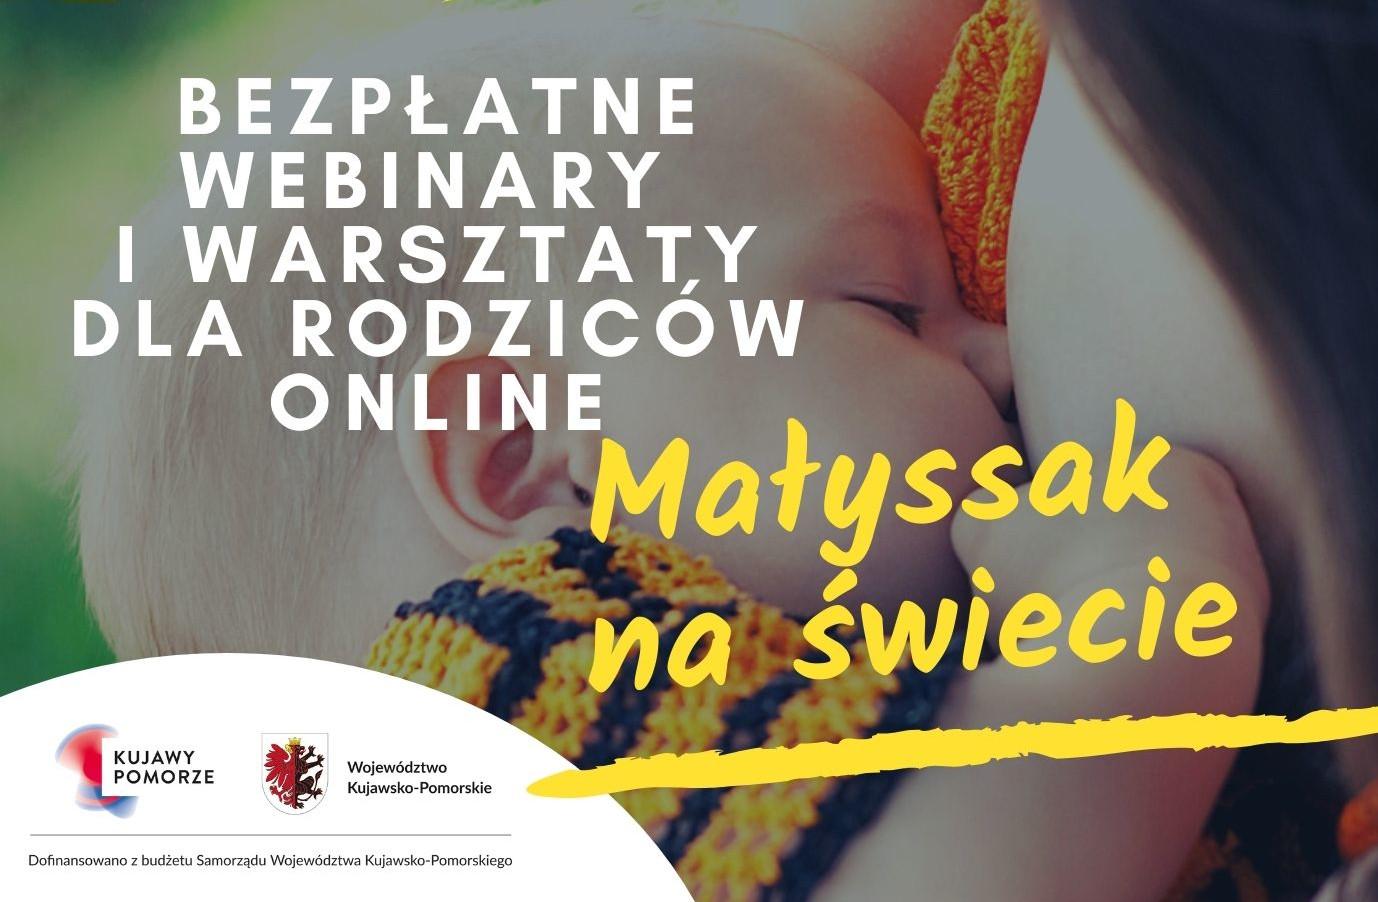 Malyssak-na-swiecie-2020online